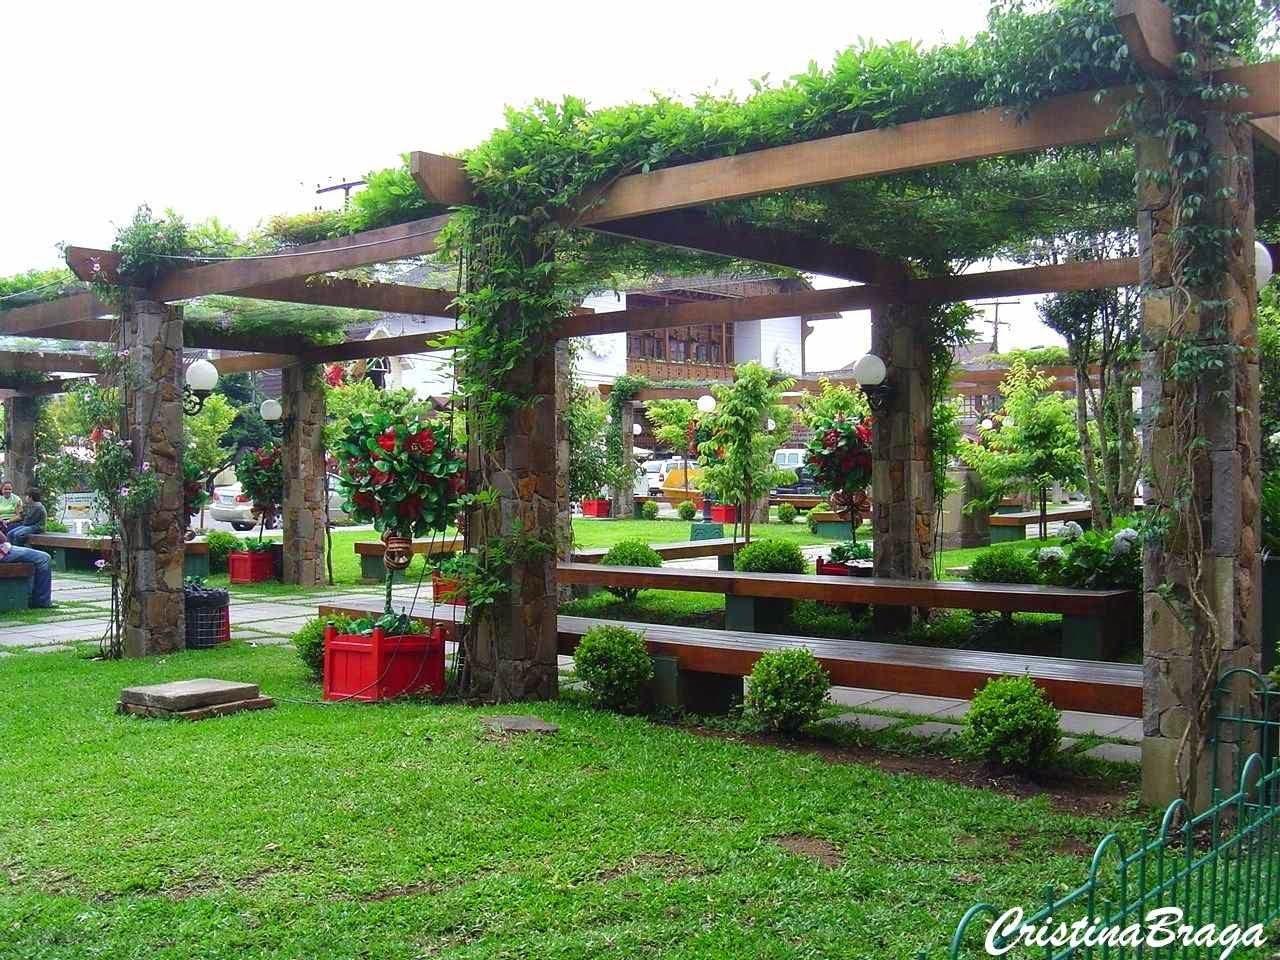 O Jardim Verde da Cris: Suportes para Trepadeiras